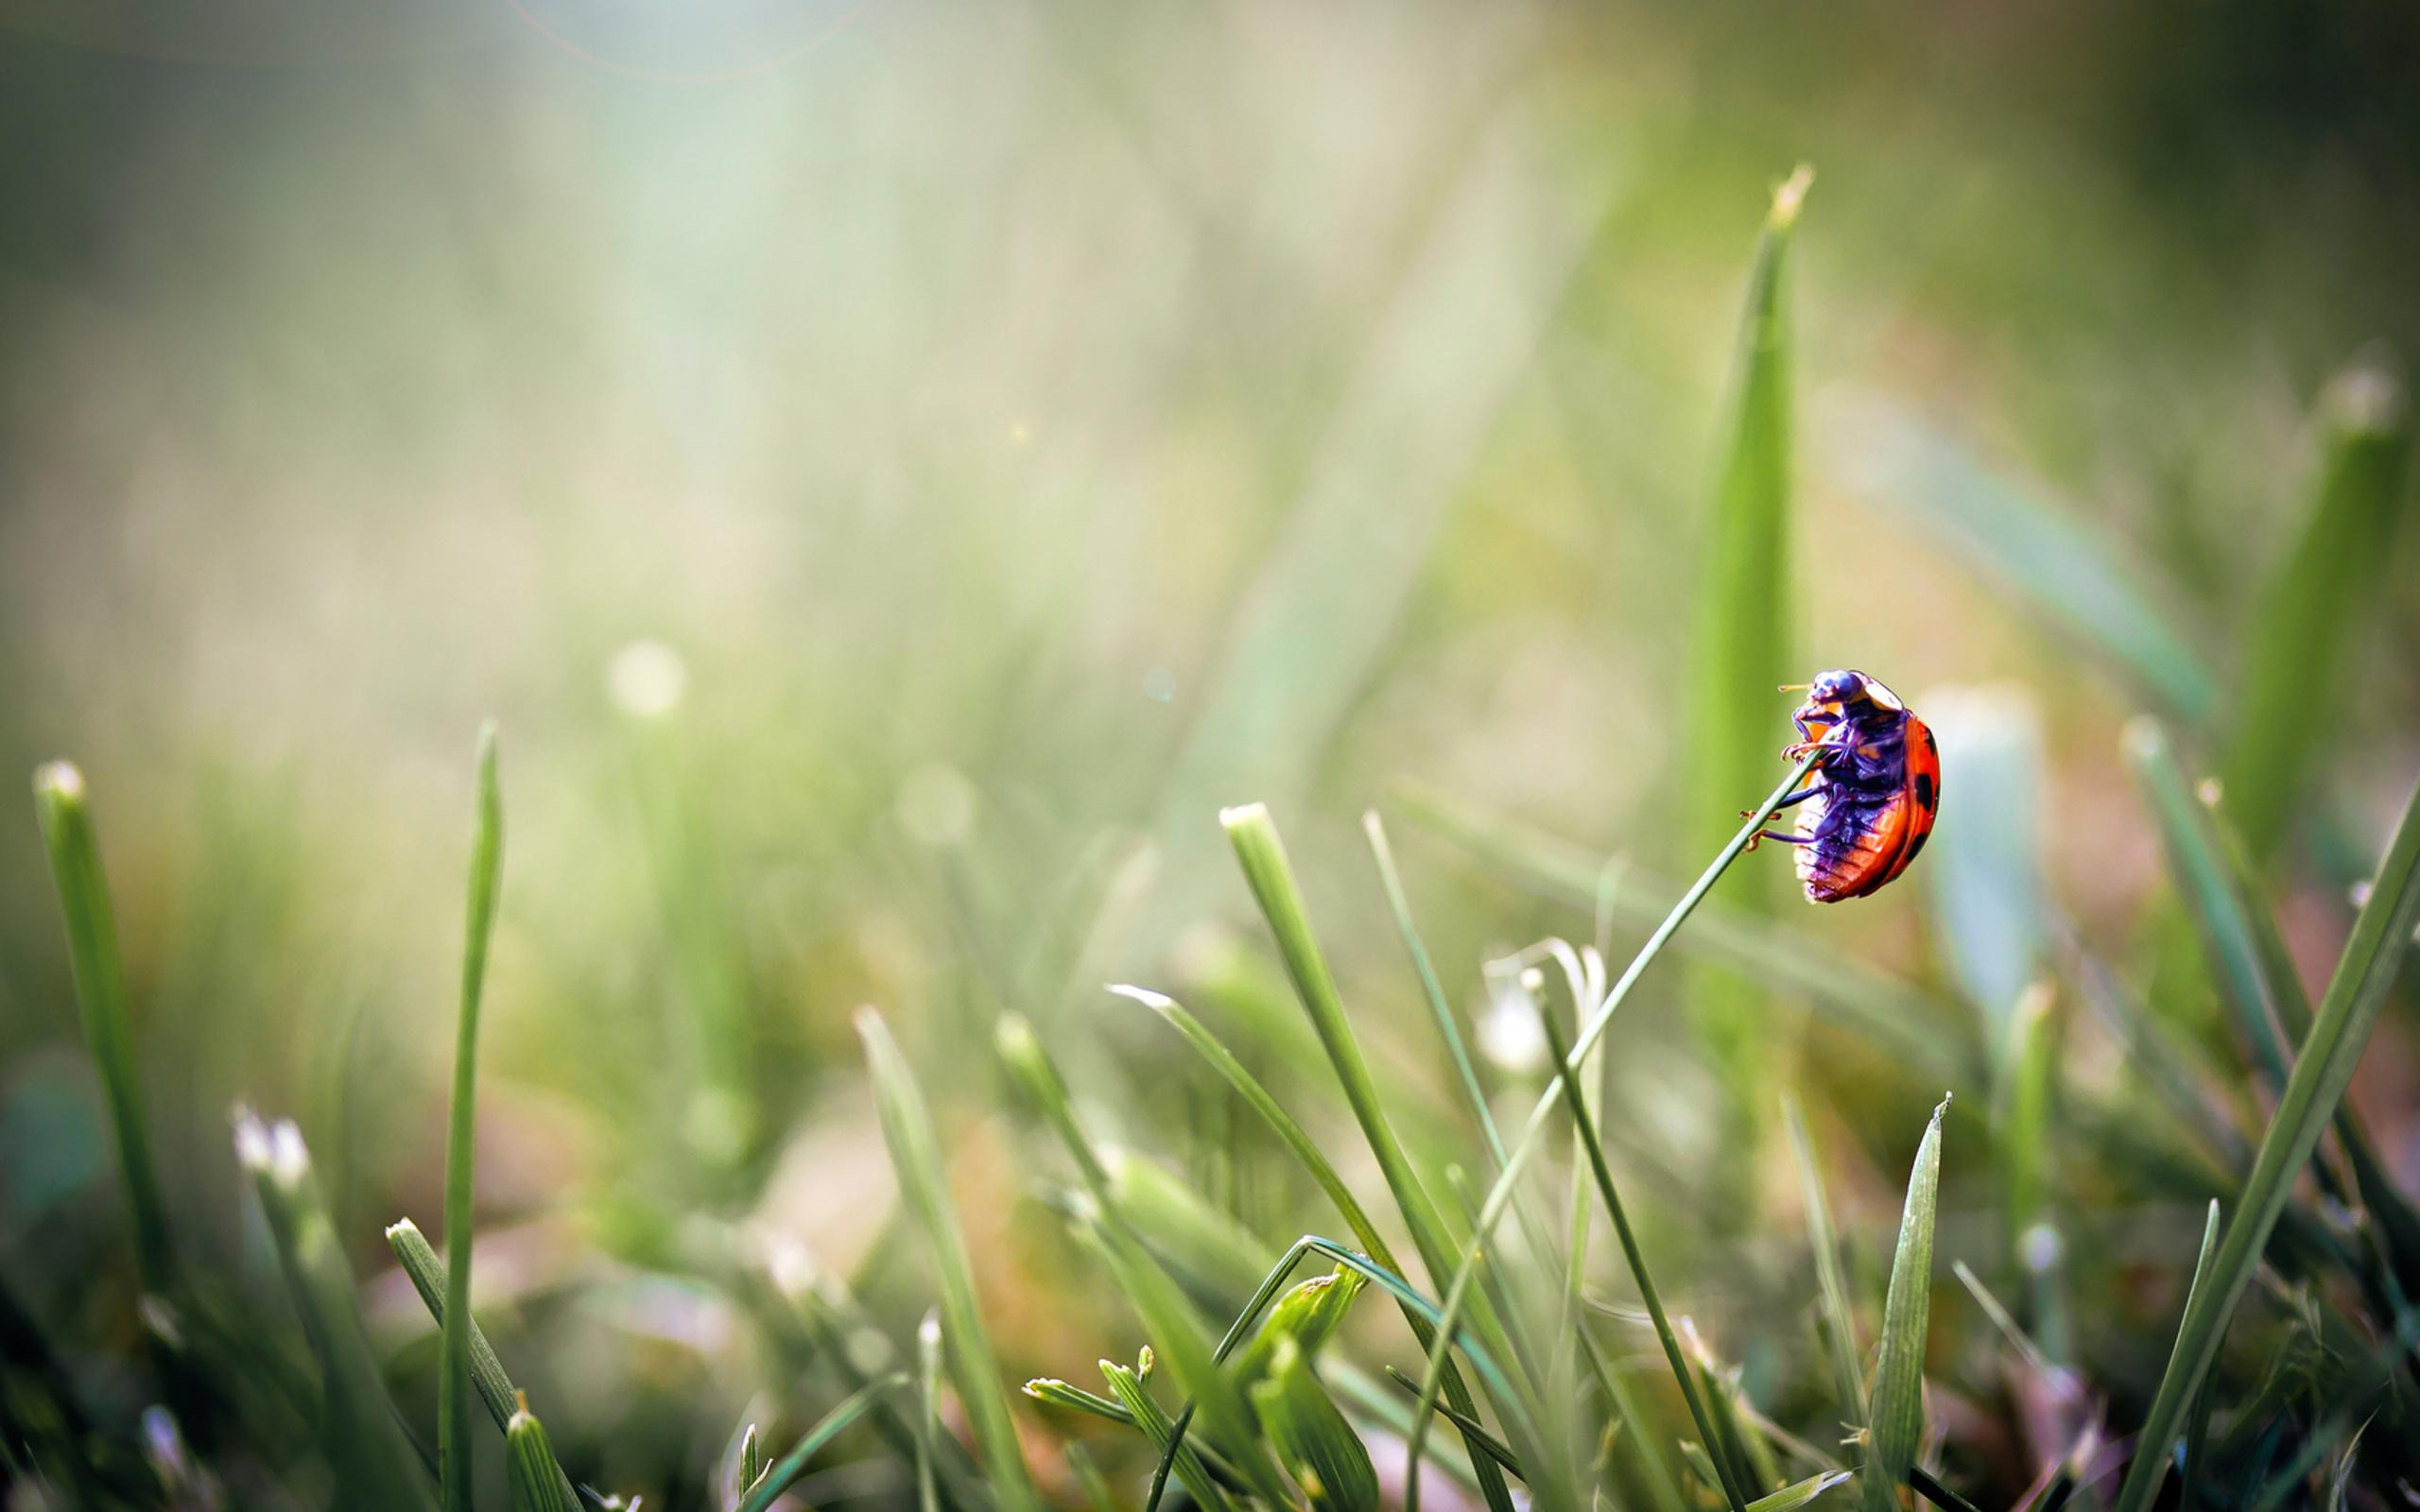 природа насекомое макро божья коровка цветы роса без смс